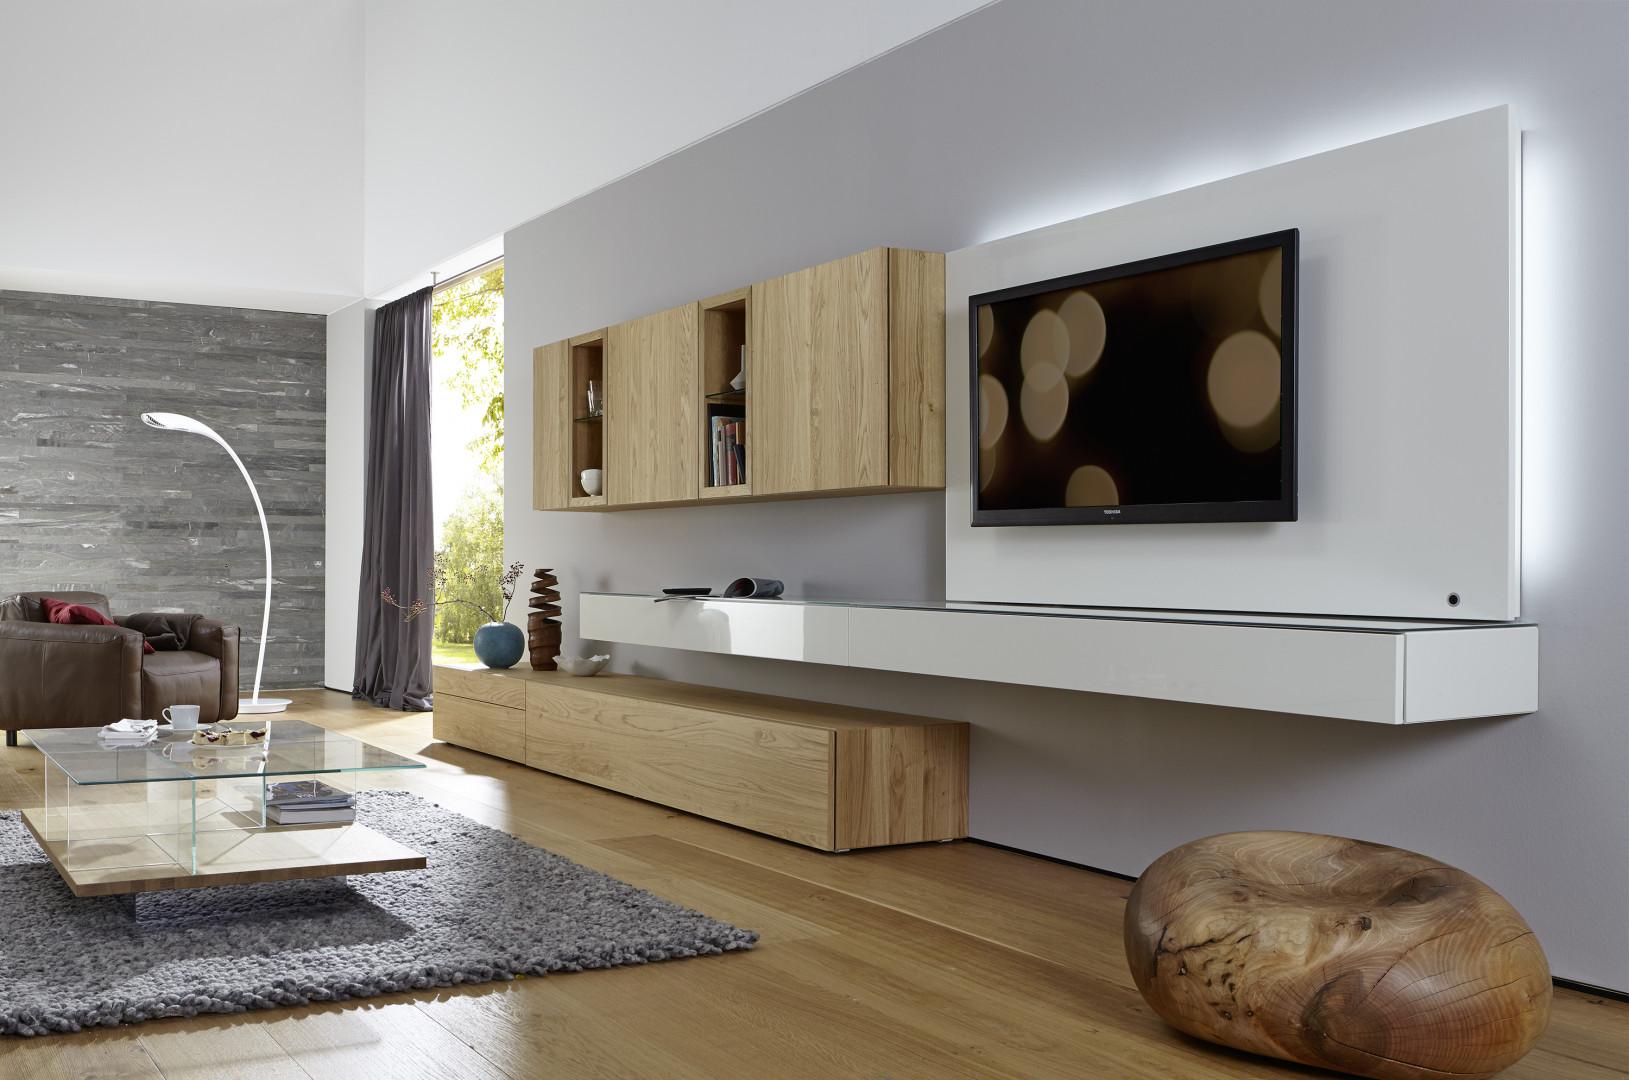 Kolory drewna doskonale komponują się z nowoczesnymi wnętrzami. Fot. Huelsta